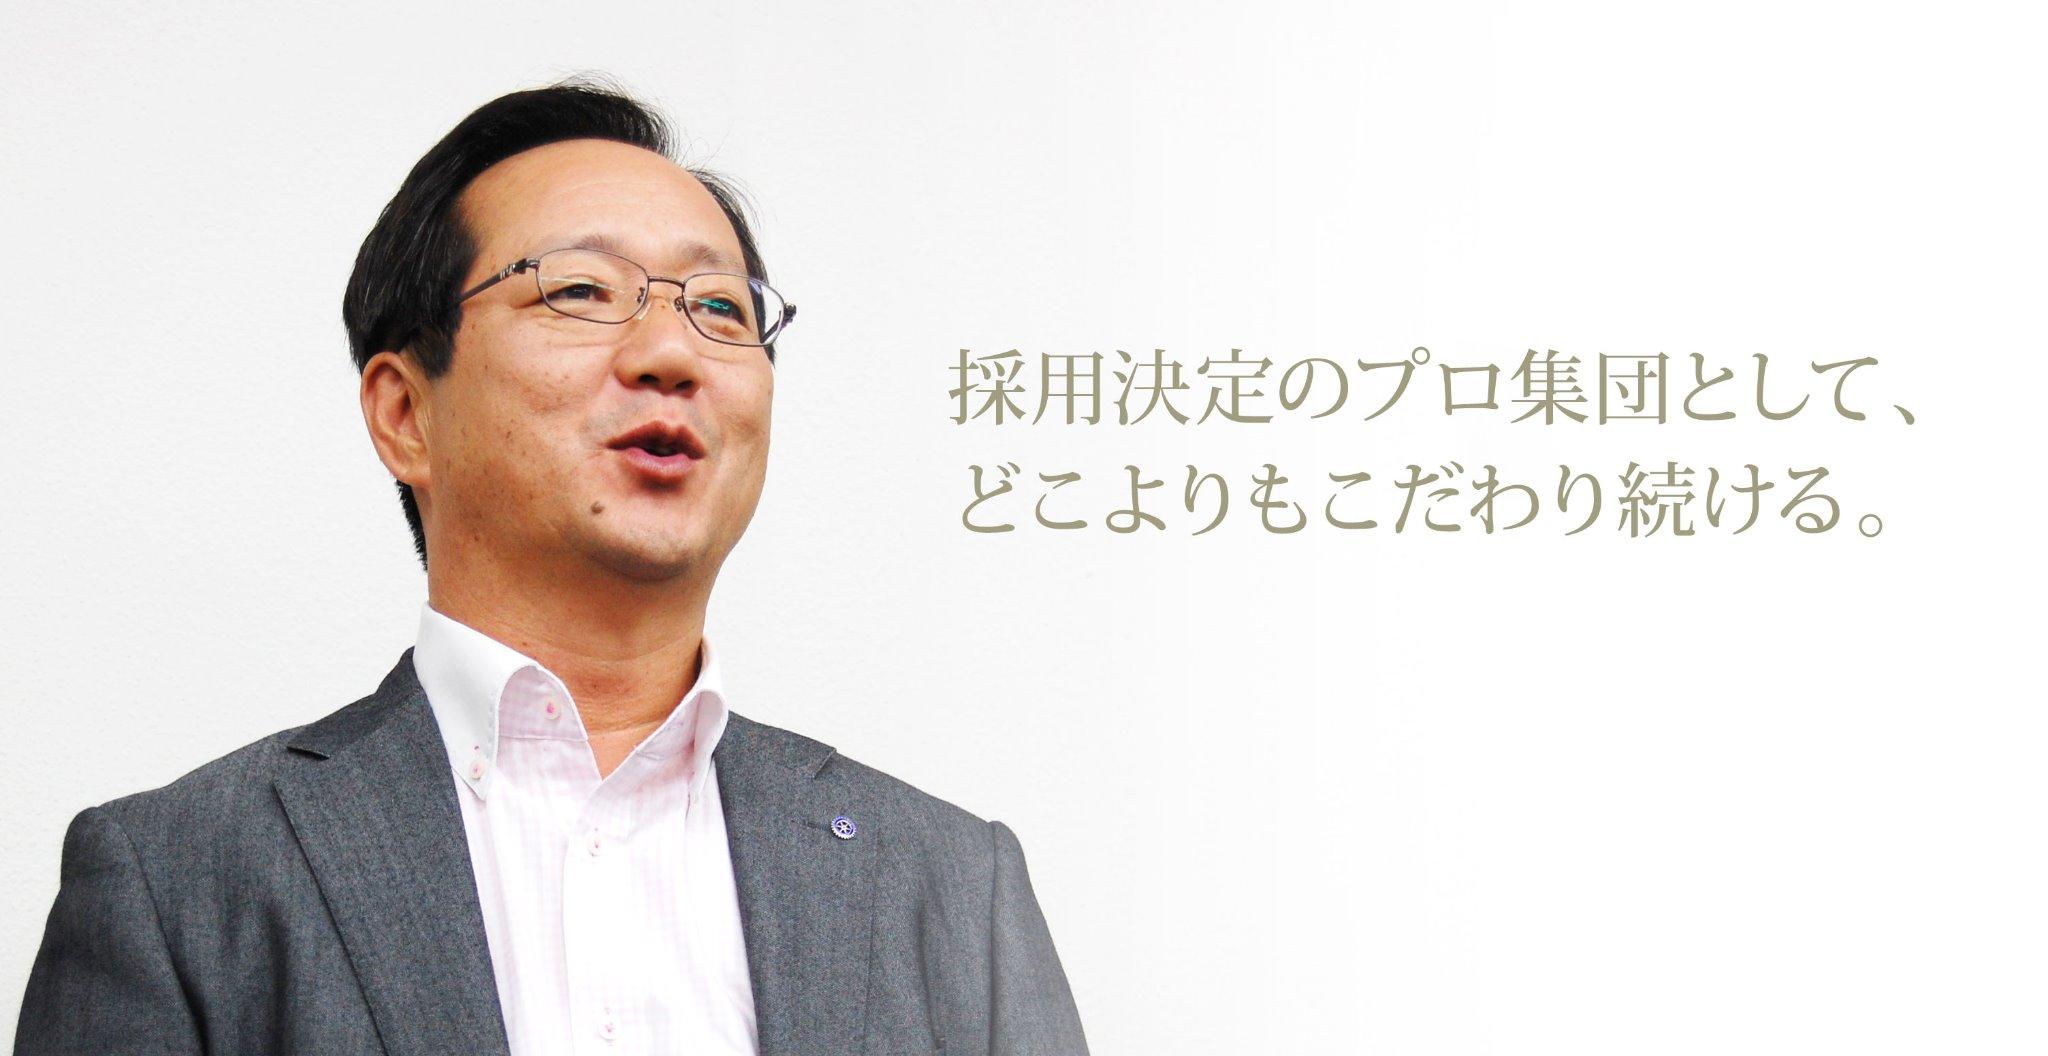 代表取締役社長 平井善明